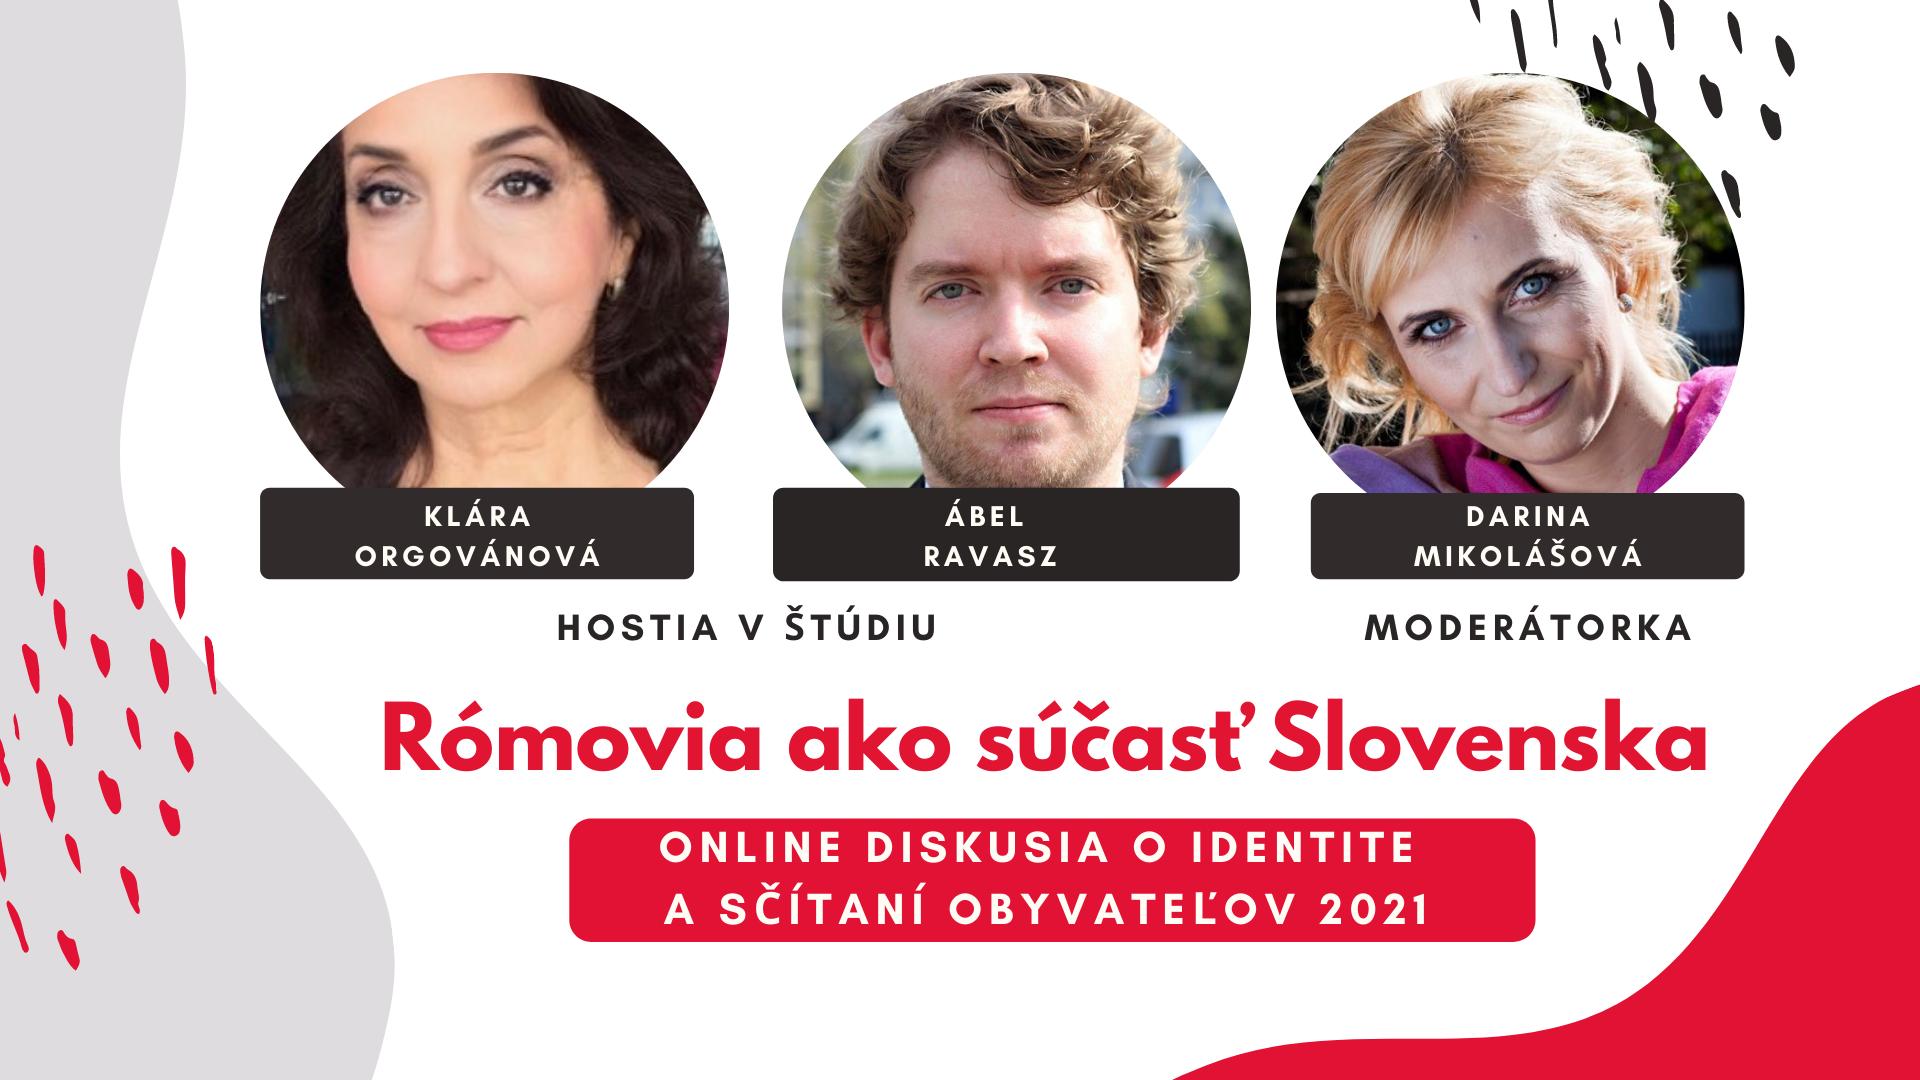 Online diskusia: Rómovia ako súčasť Slovenska